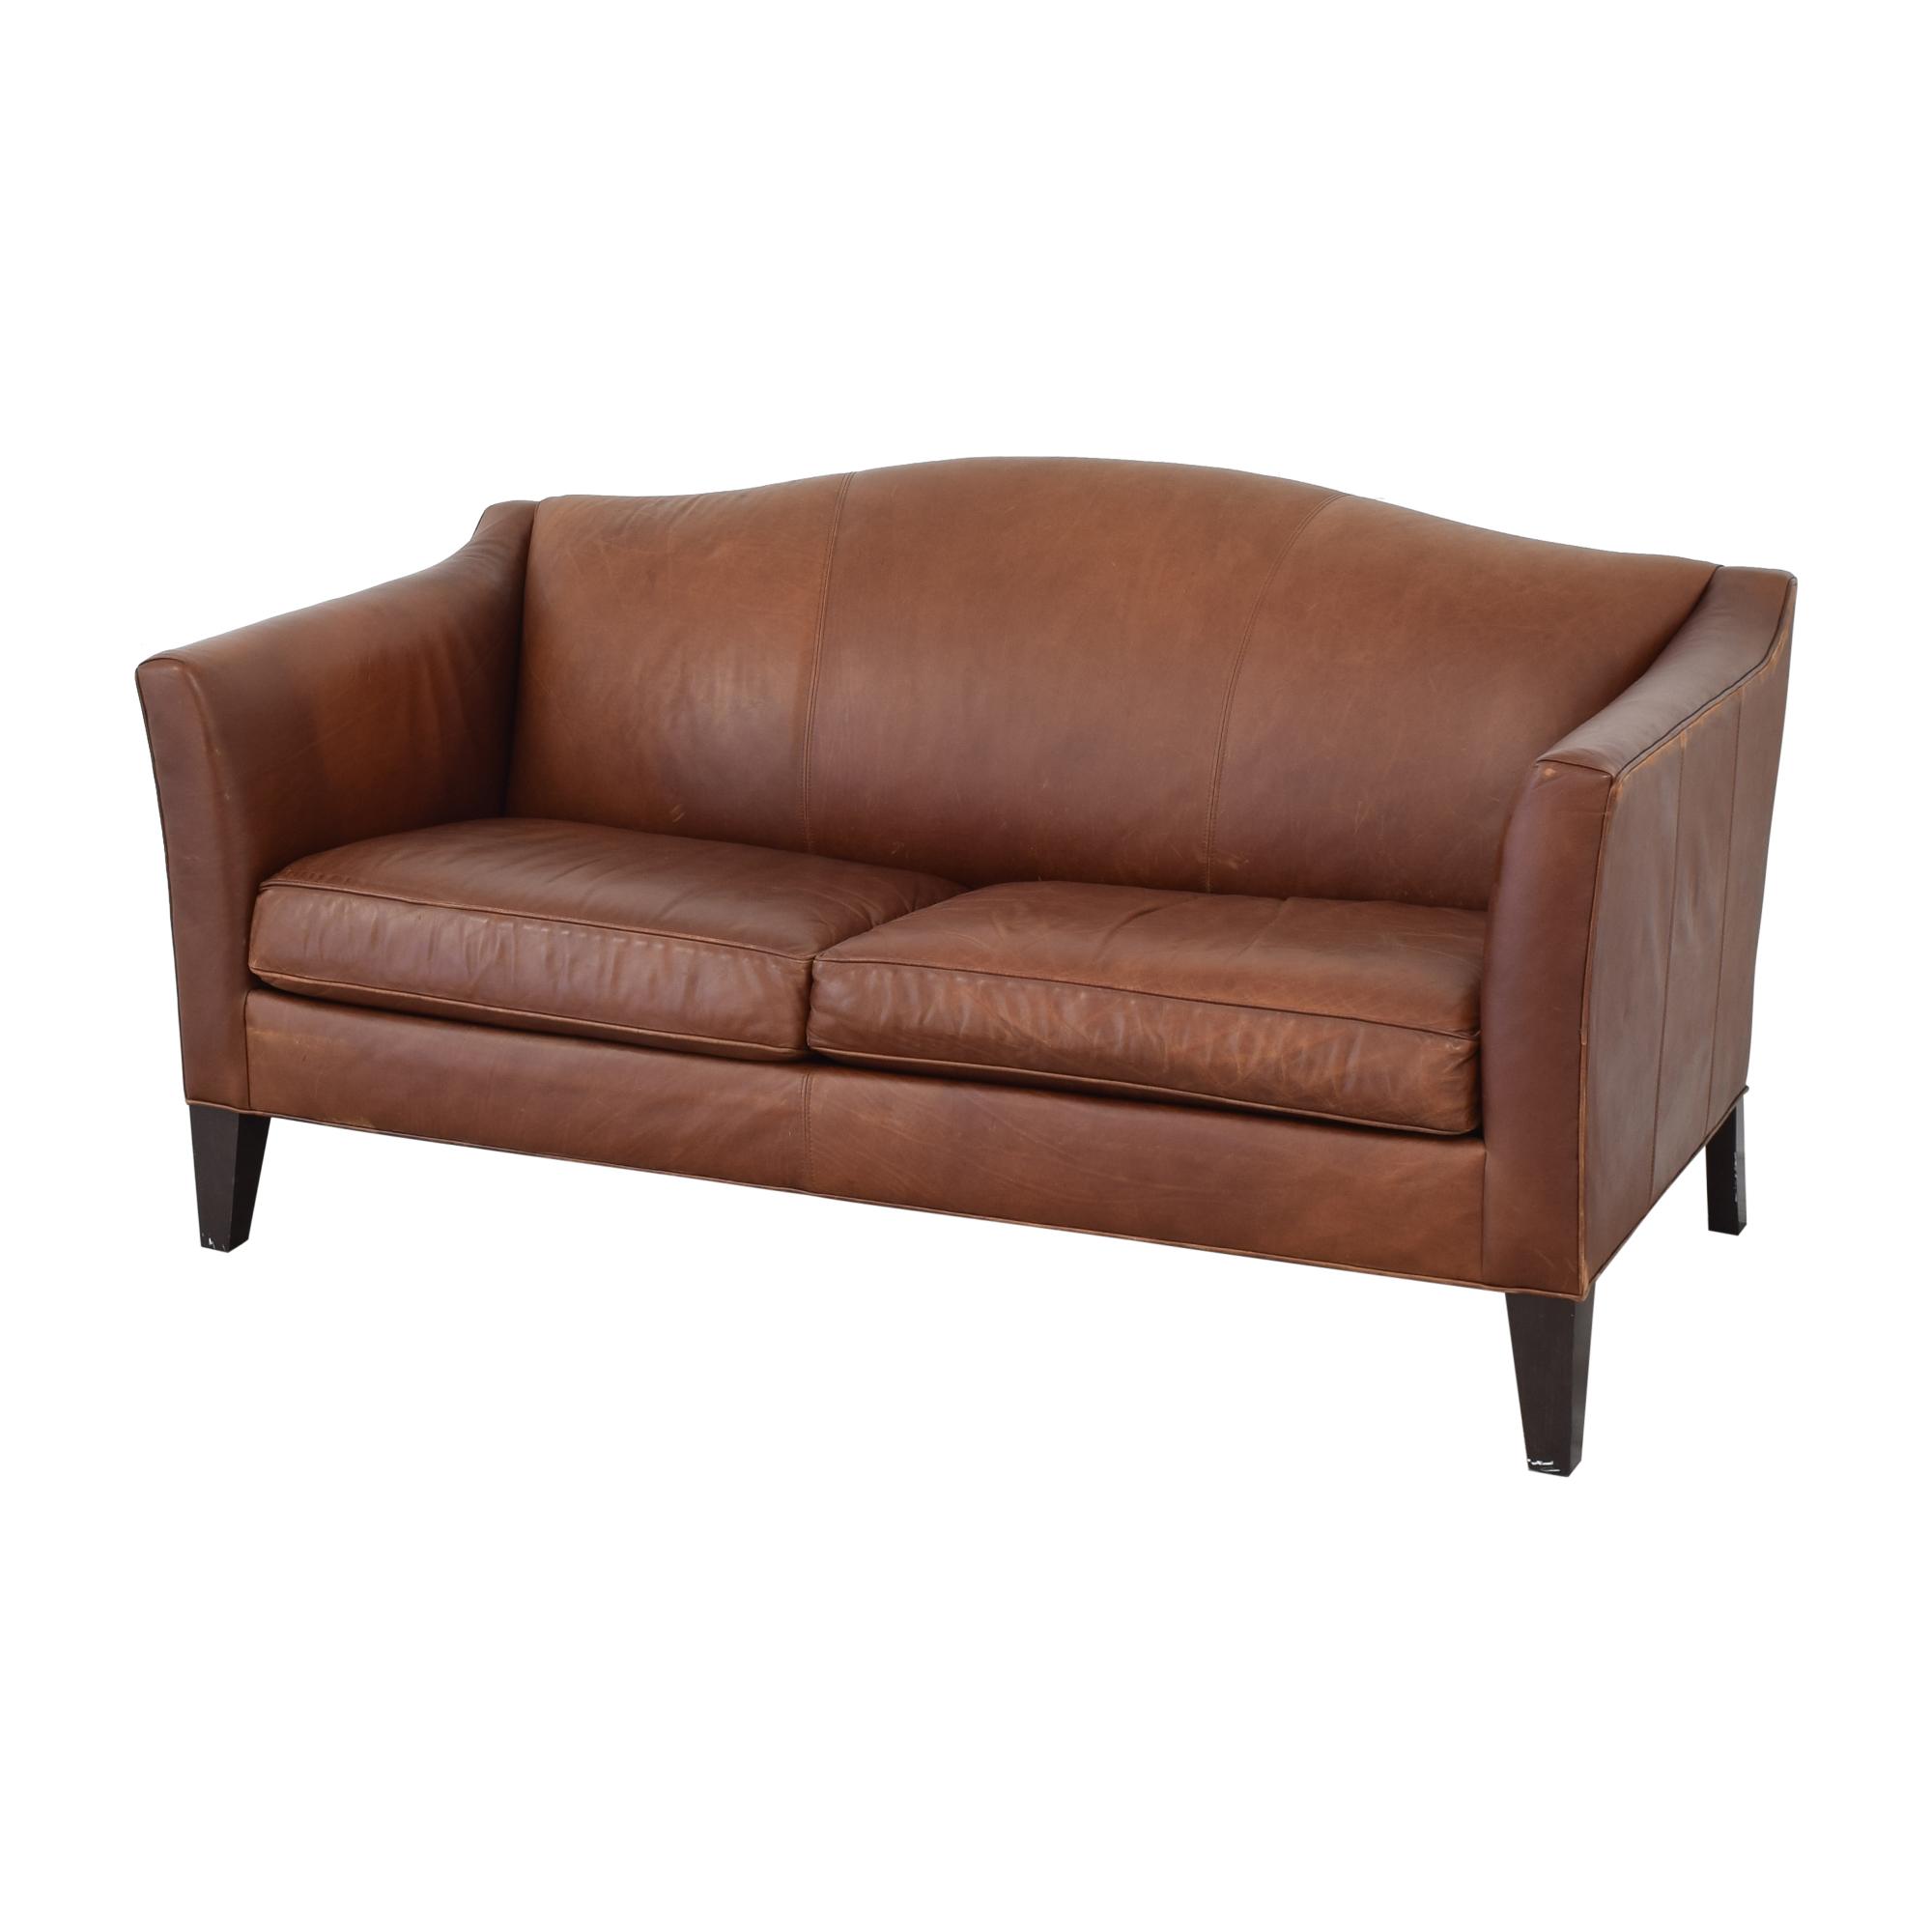 Ethan Allen Ethan Allen Leather Camelback Sofa price